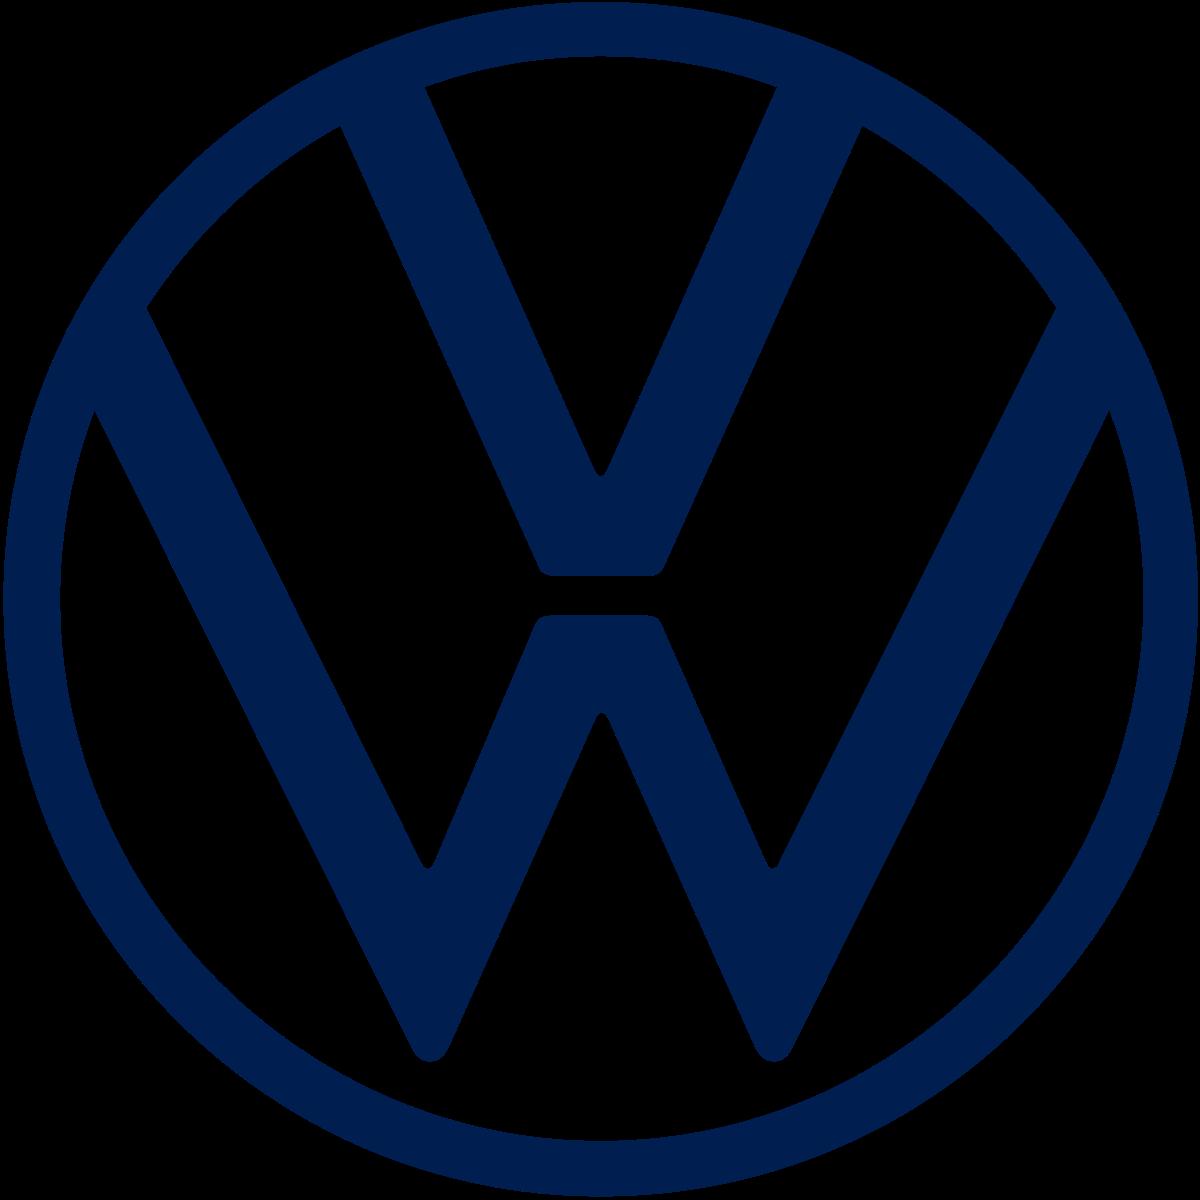 Blauweiss Garage AG - Für Ihr Traumauto in Steinhausen, Zug. vw-ID11-1.png?v=1586934722